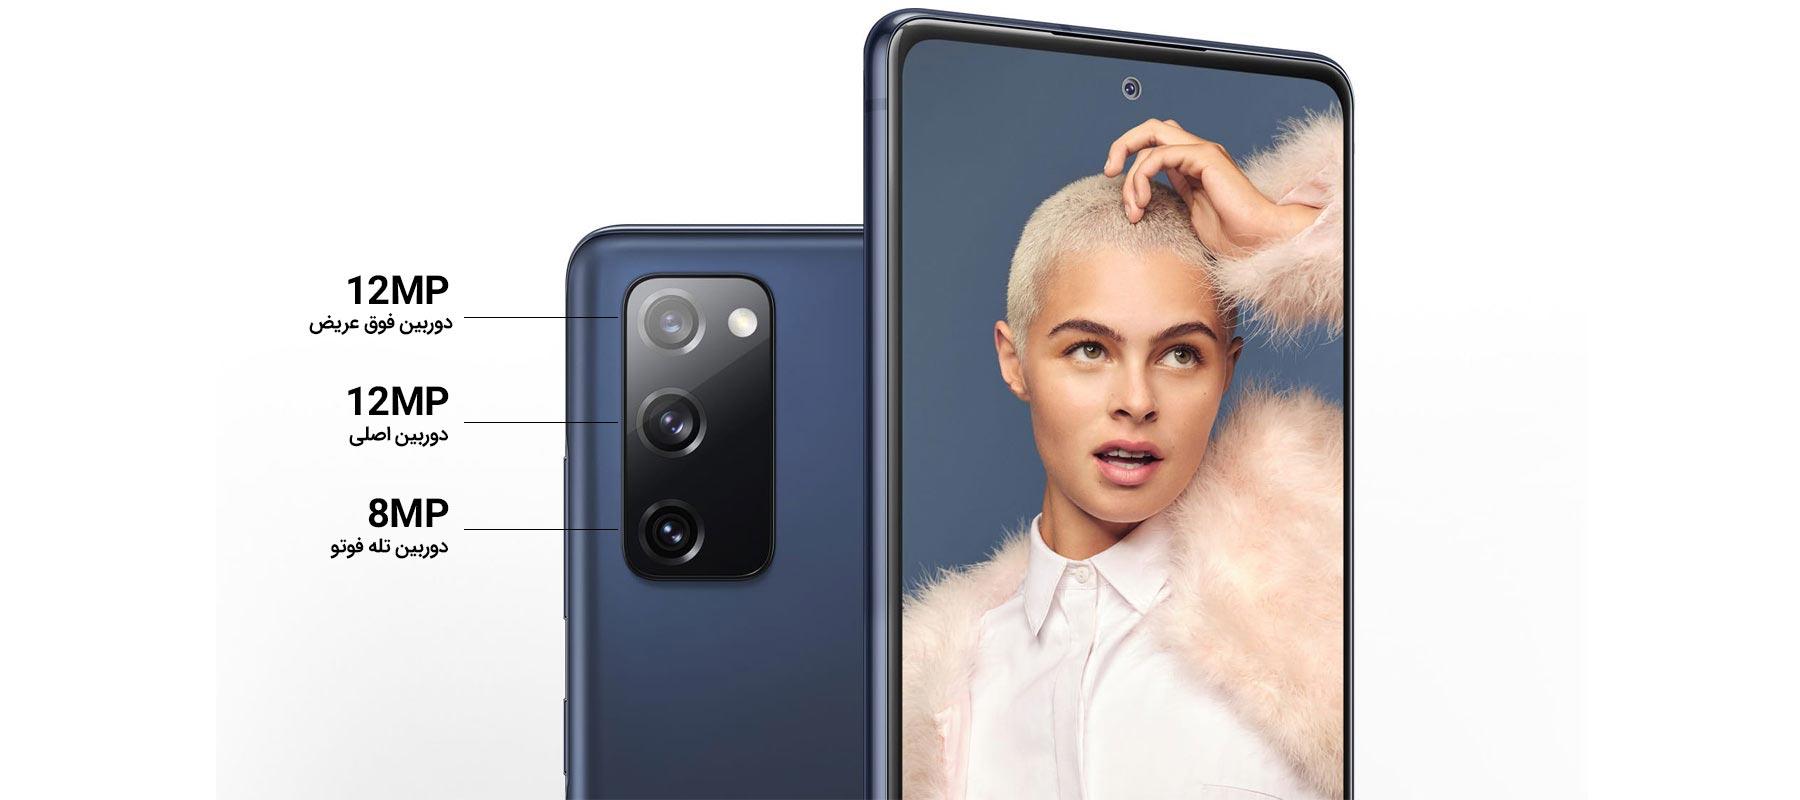 دوربین سه گانه گوشی سامسونگ Galaxy S20 FE